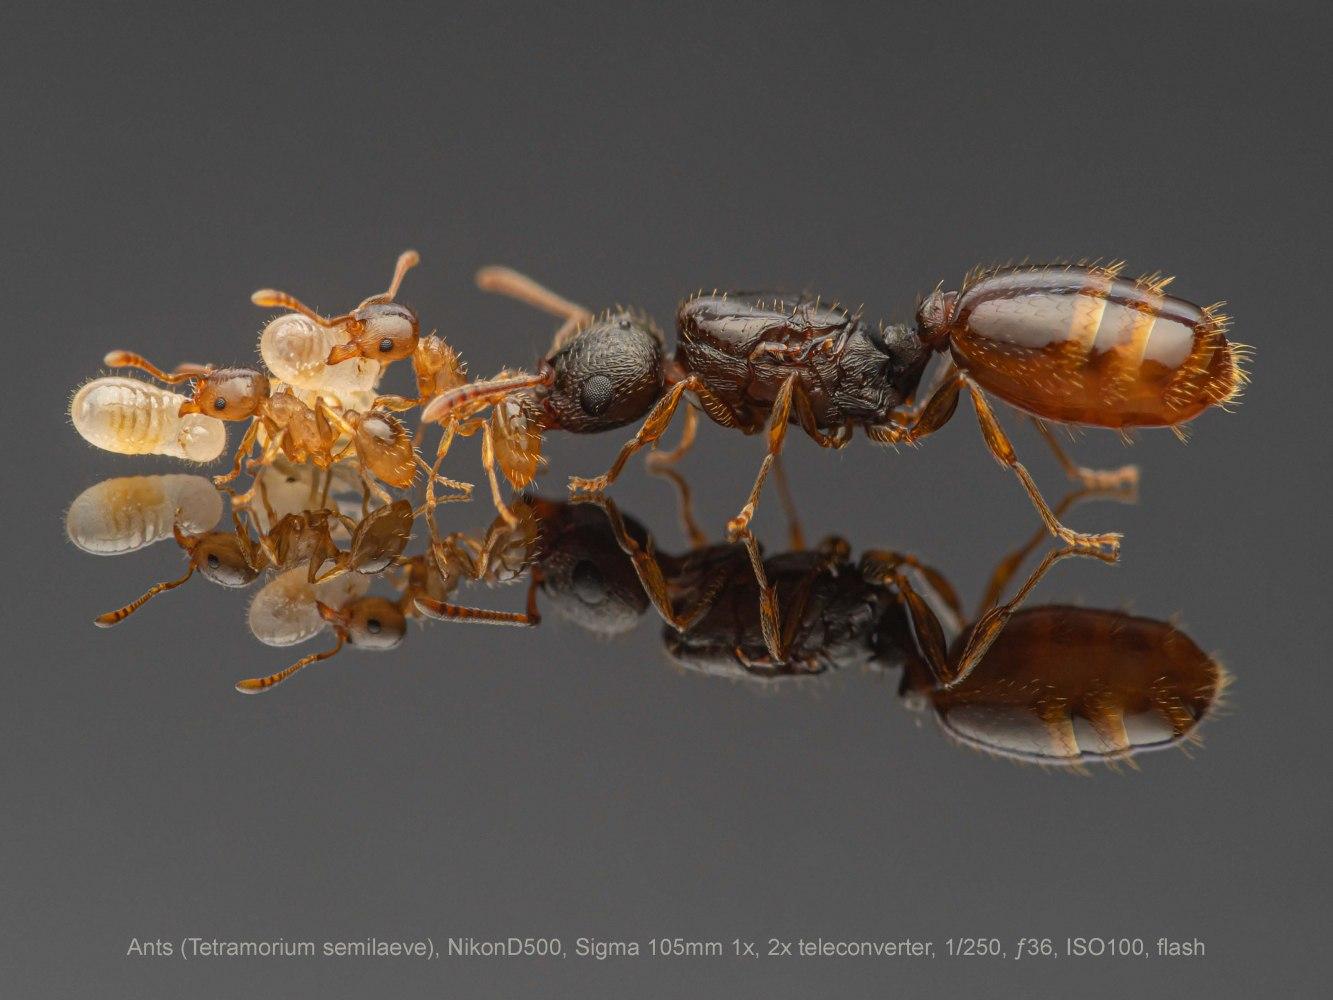 Ants-Tetramorium-semilaeve